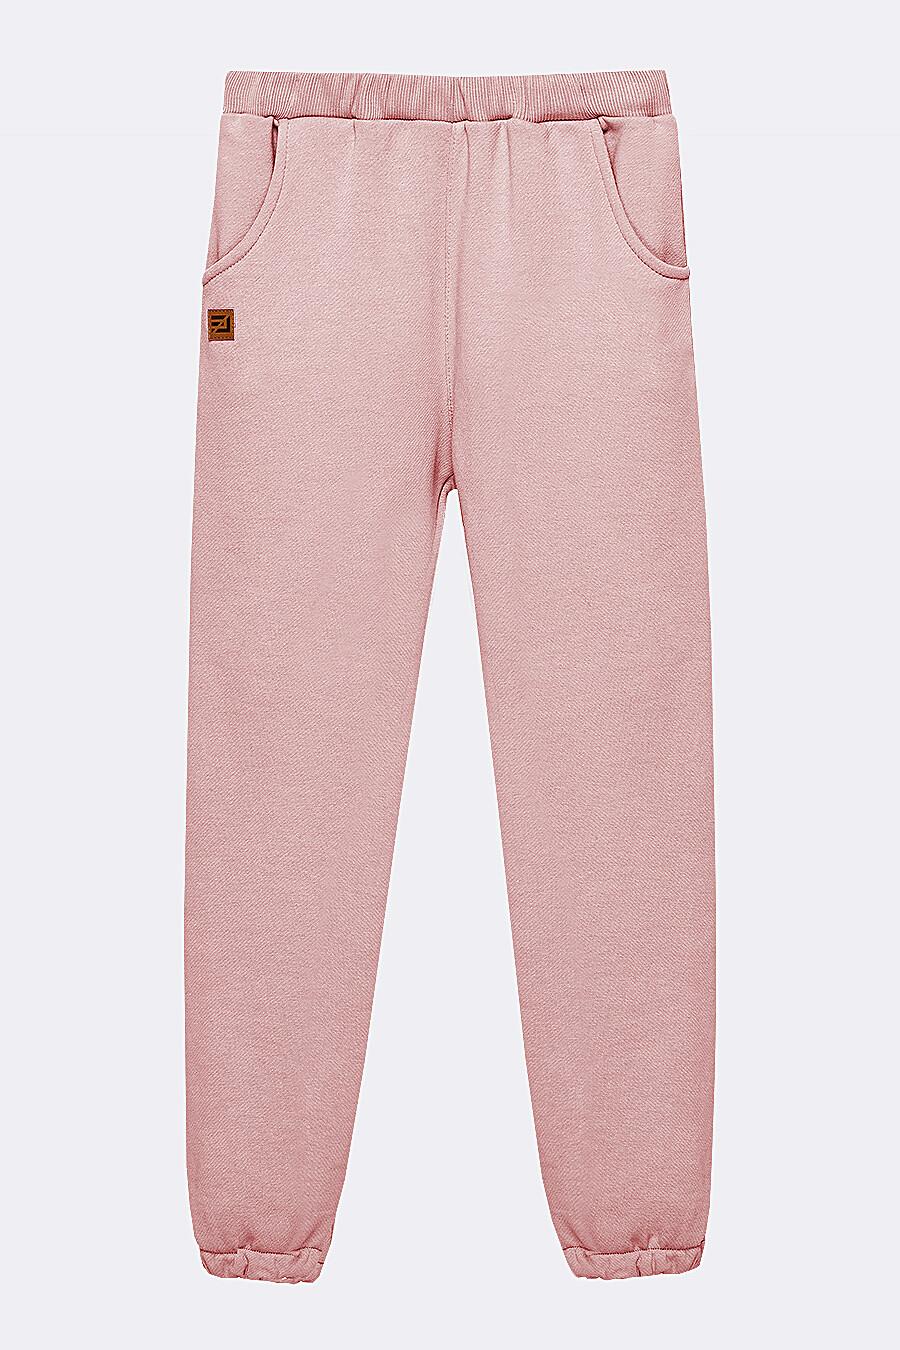 Костюм(Худи+Брюки) для девочек EZANNA 682530 купить оптом от производителя. Совместная покупка детской одежды в OptMoyo